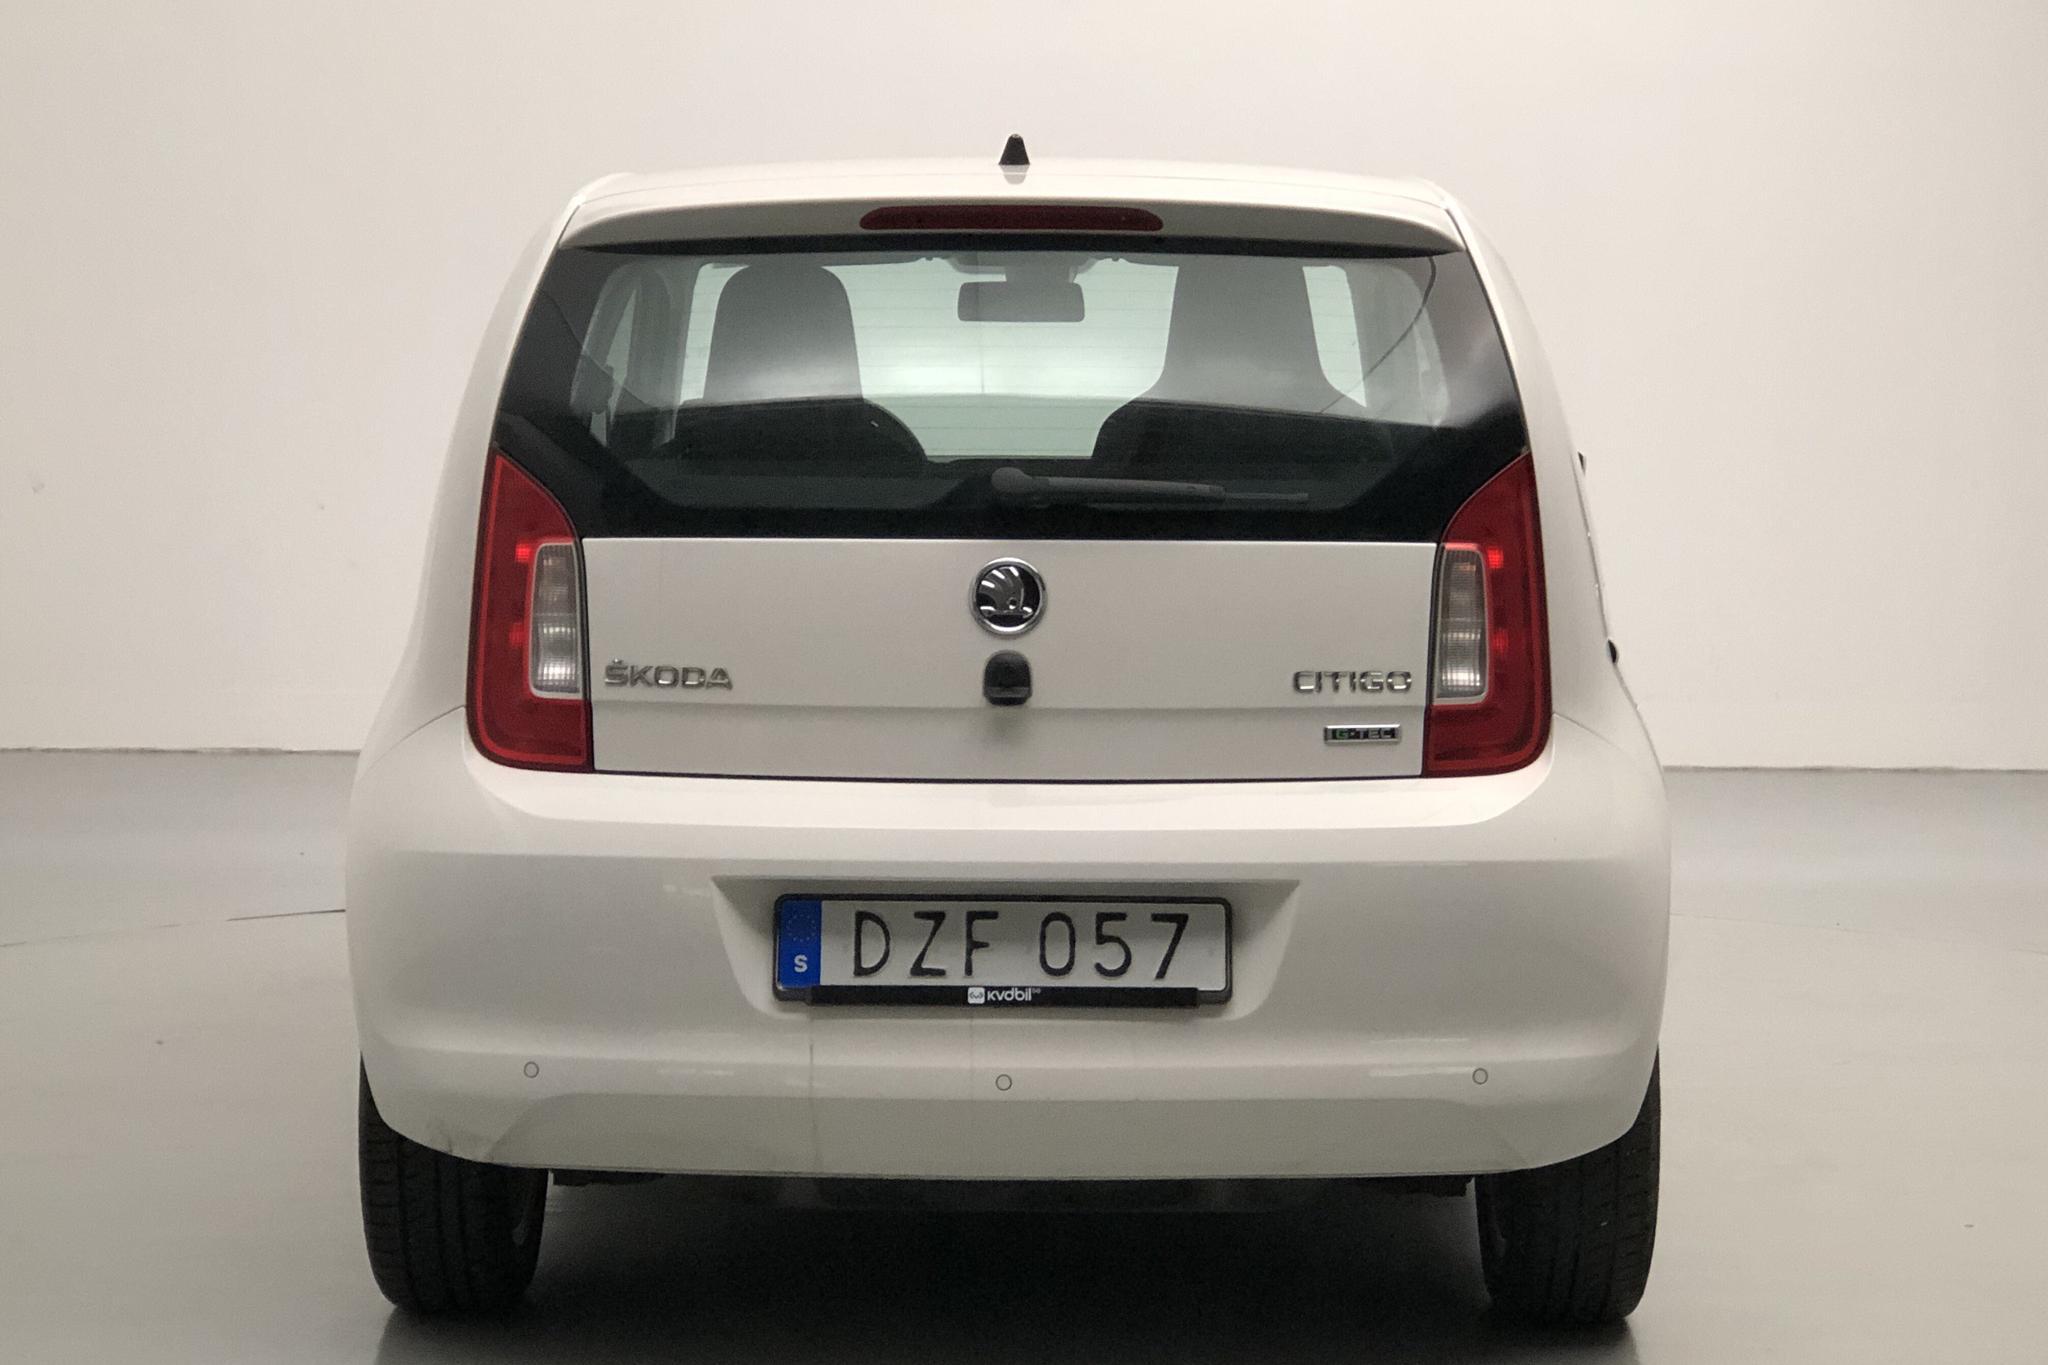 Skoda Citigo MPI 5dr CNG (68hk) - 126 460 km - Manual - white - 2015